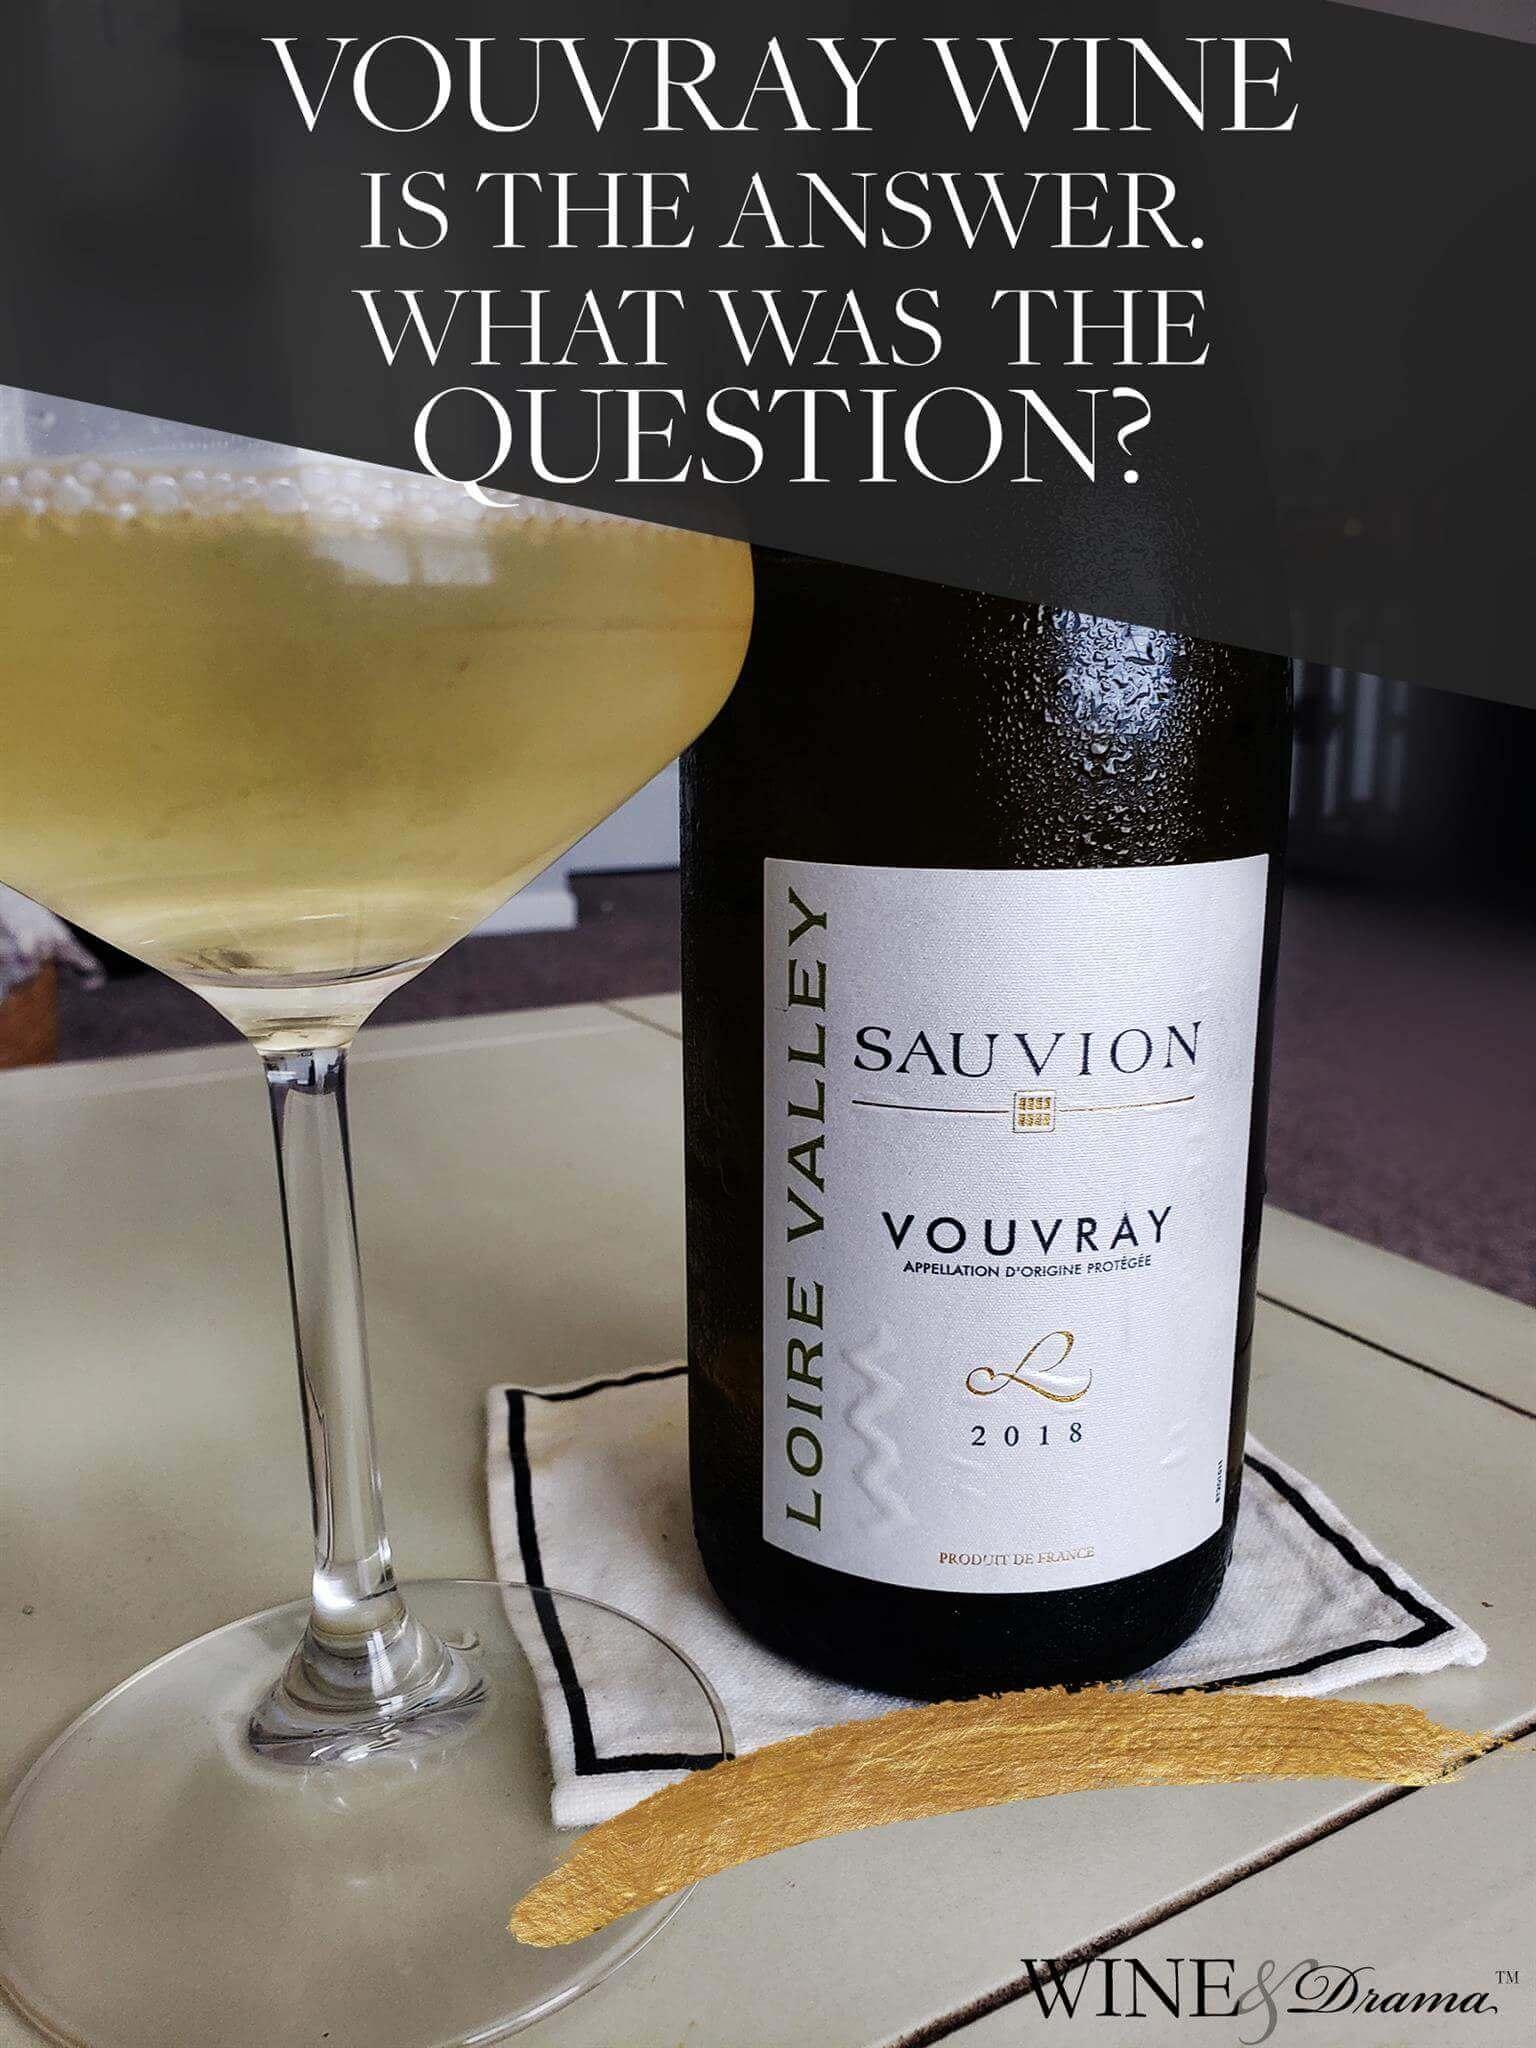 VOULEZ-VOUS VOUVRAY WINE